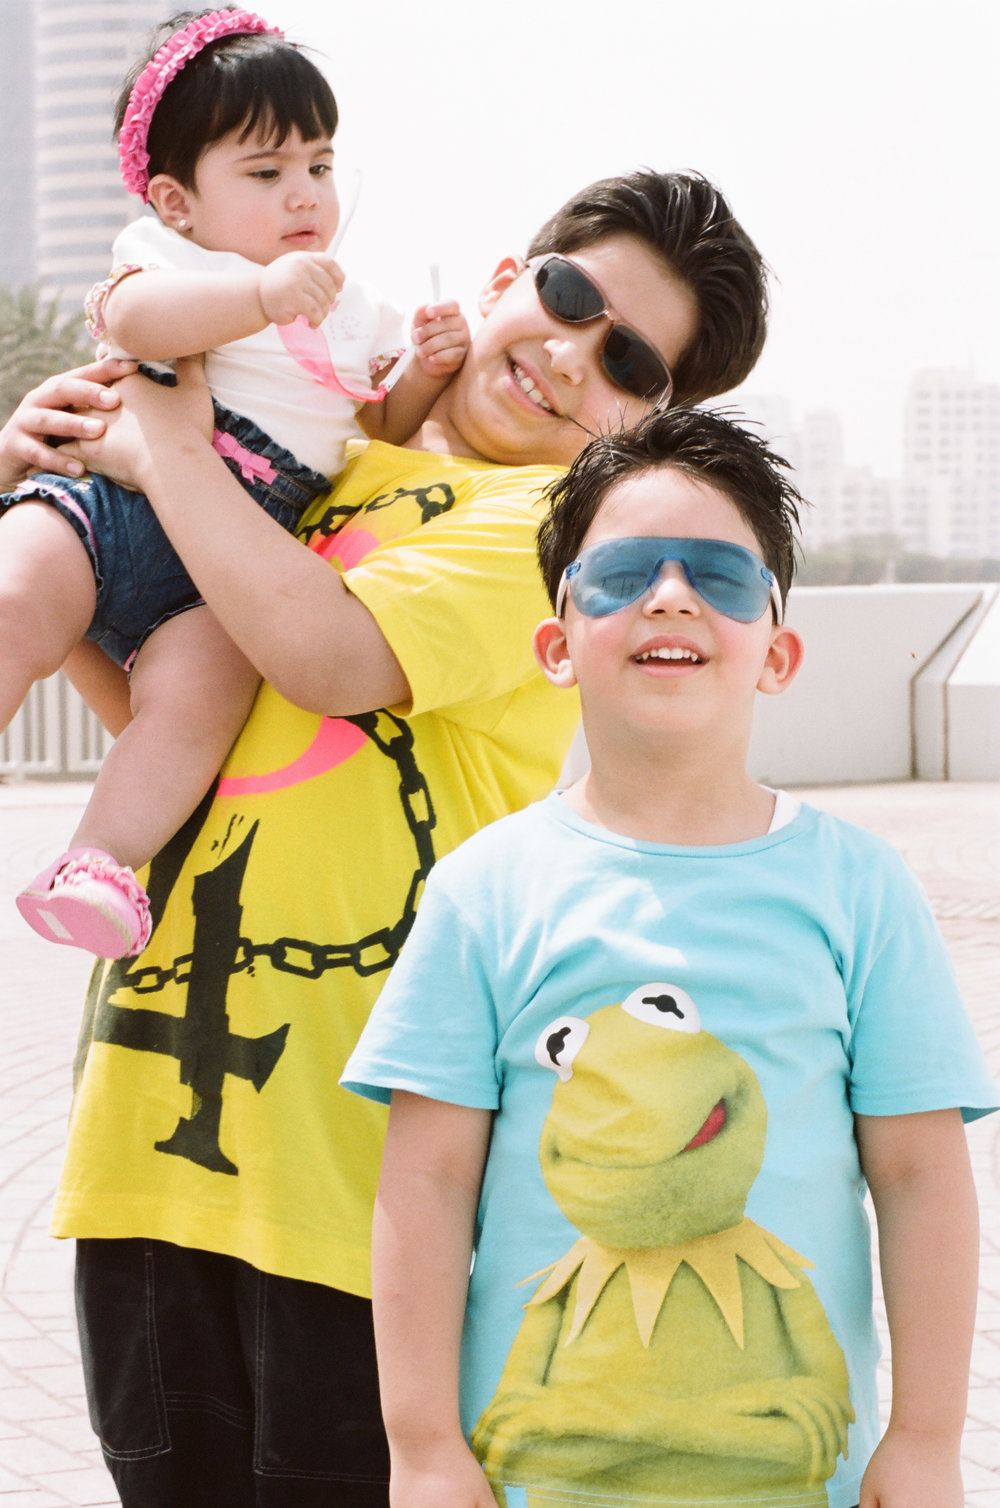 Kuwaiti children 05.jpg